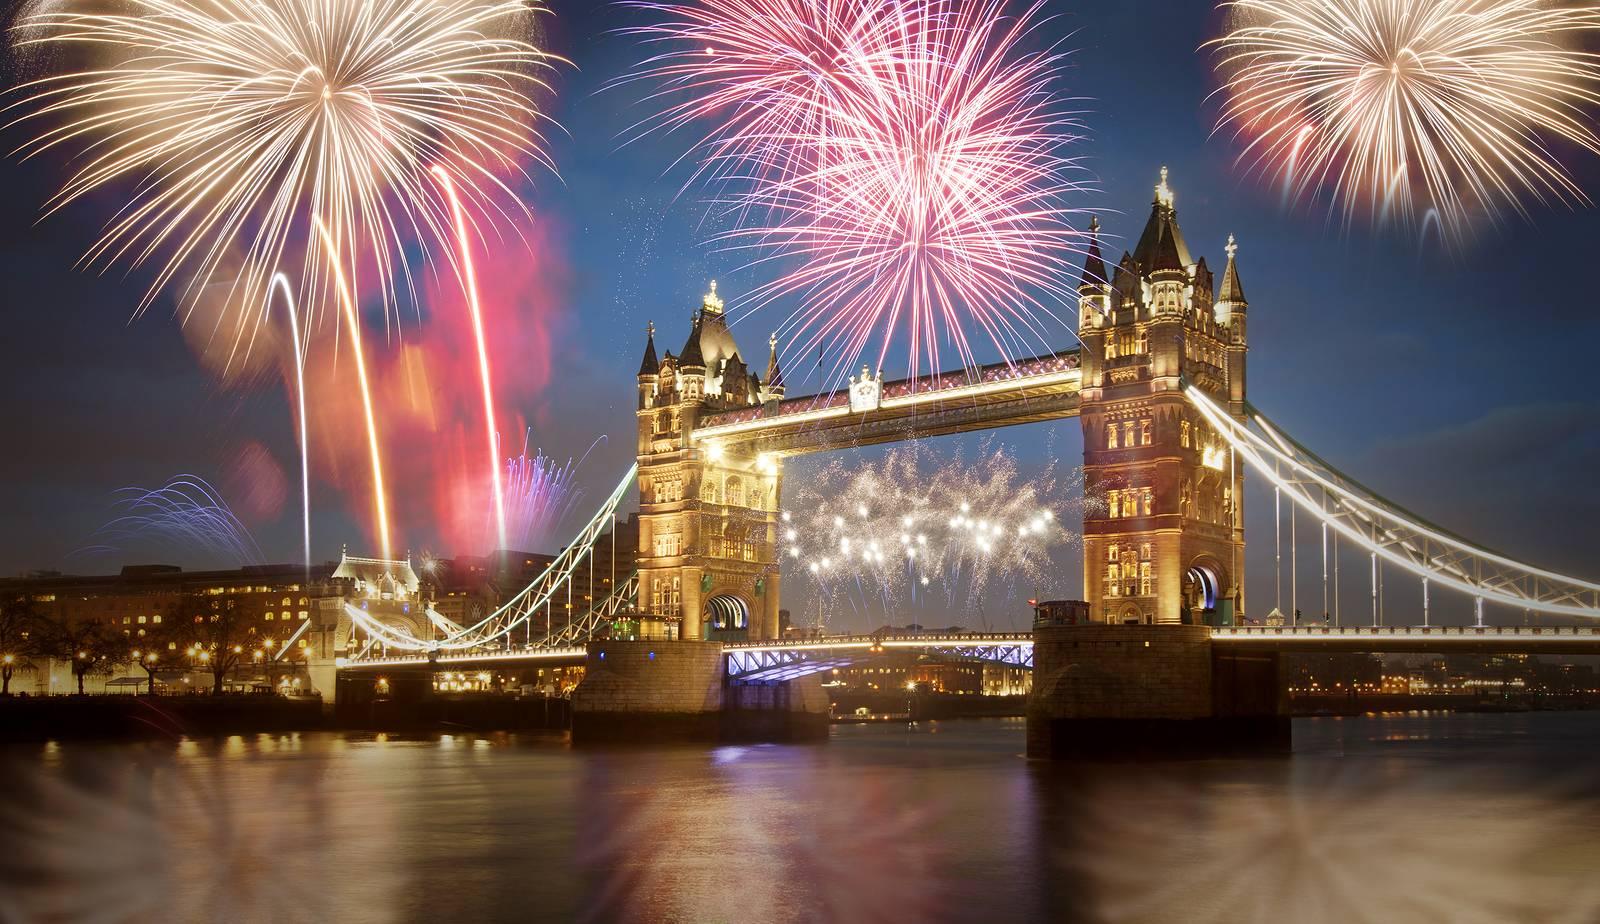 Photographie du feu d'artifice du nouvel an